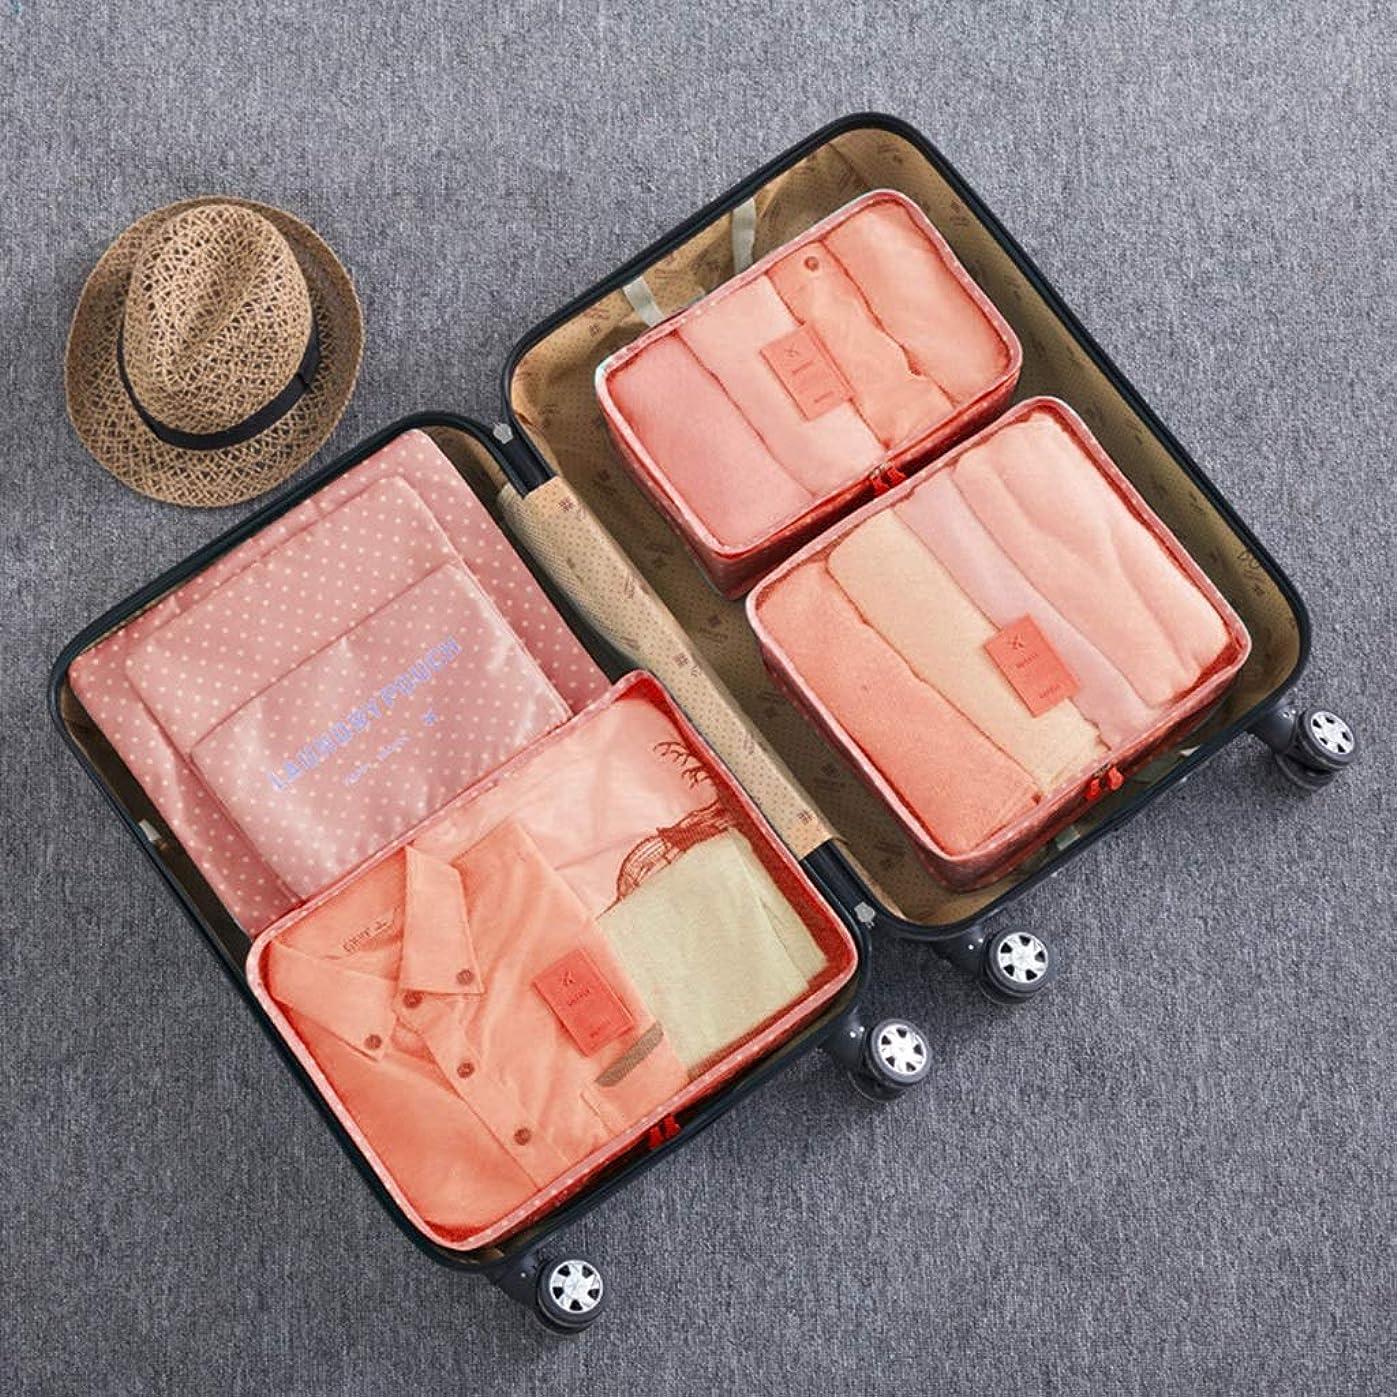 打倒申し込むコテージキューブパッキング パッキングキューブ多機能折りたたみ旅行収納袋6セット旅行オーガナイザー ジッパーと靴の袋 DWWSP (Color : K)